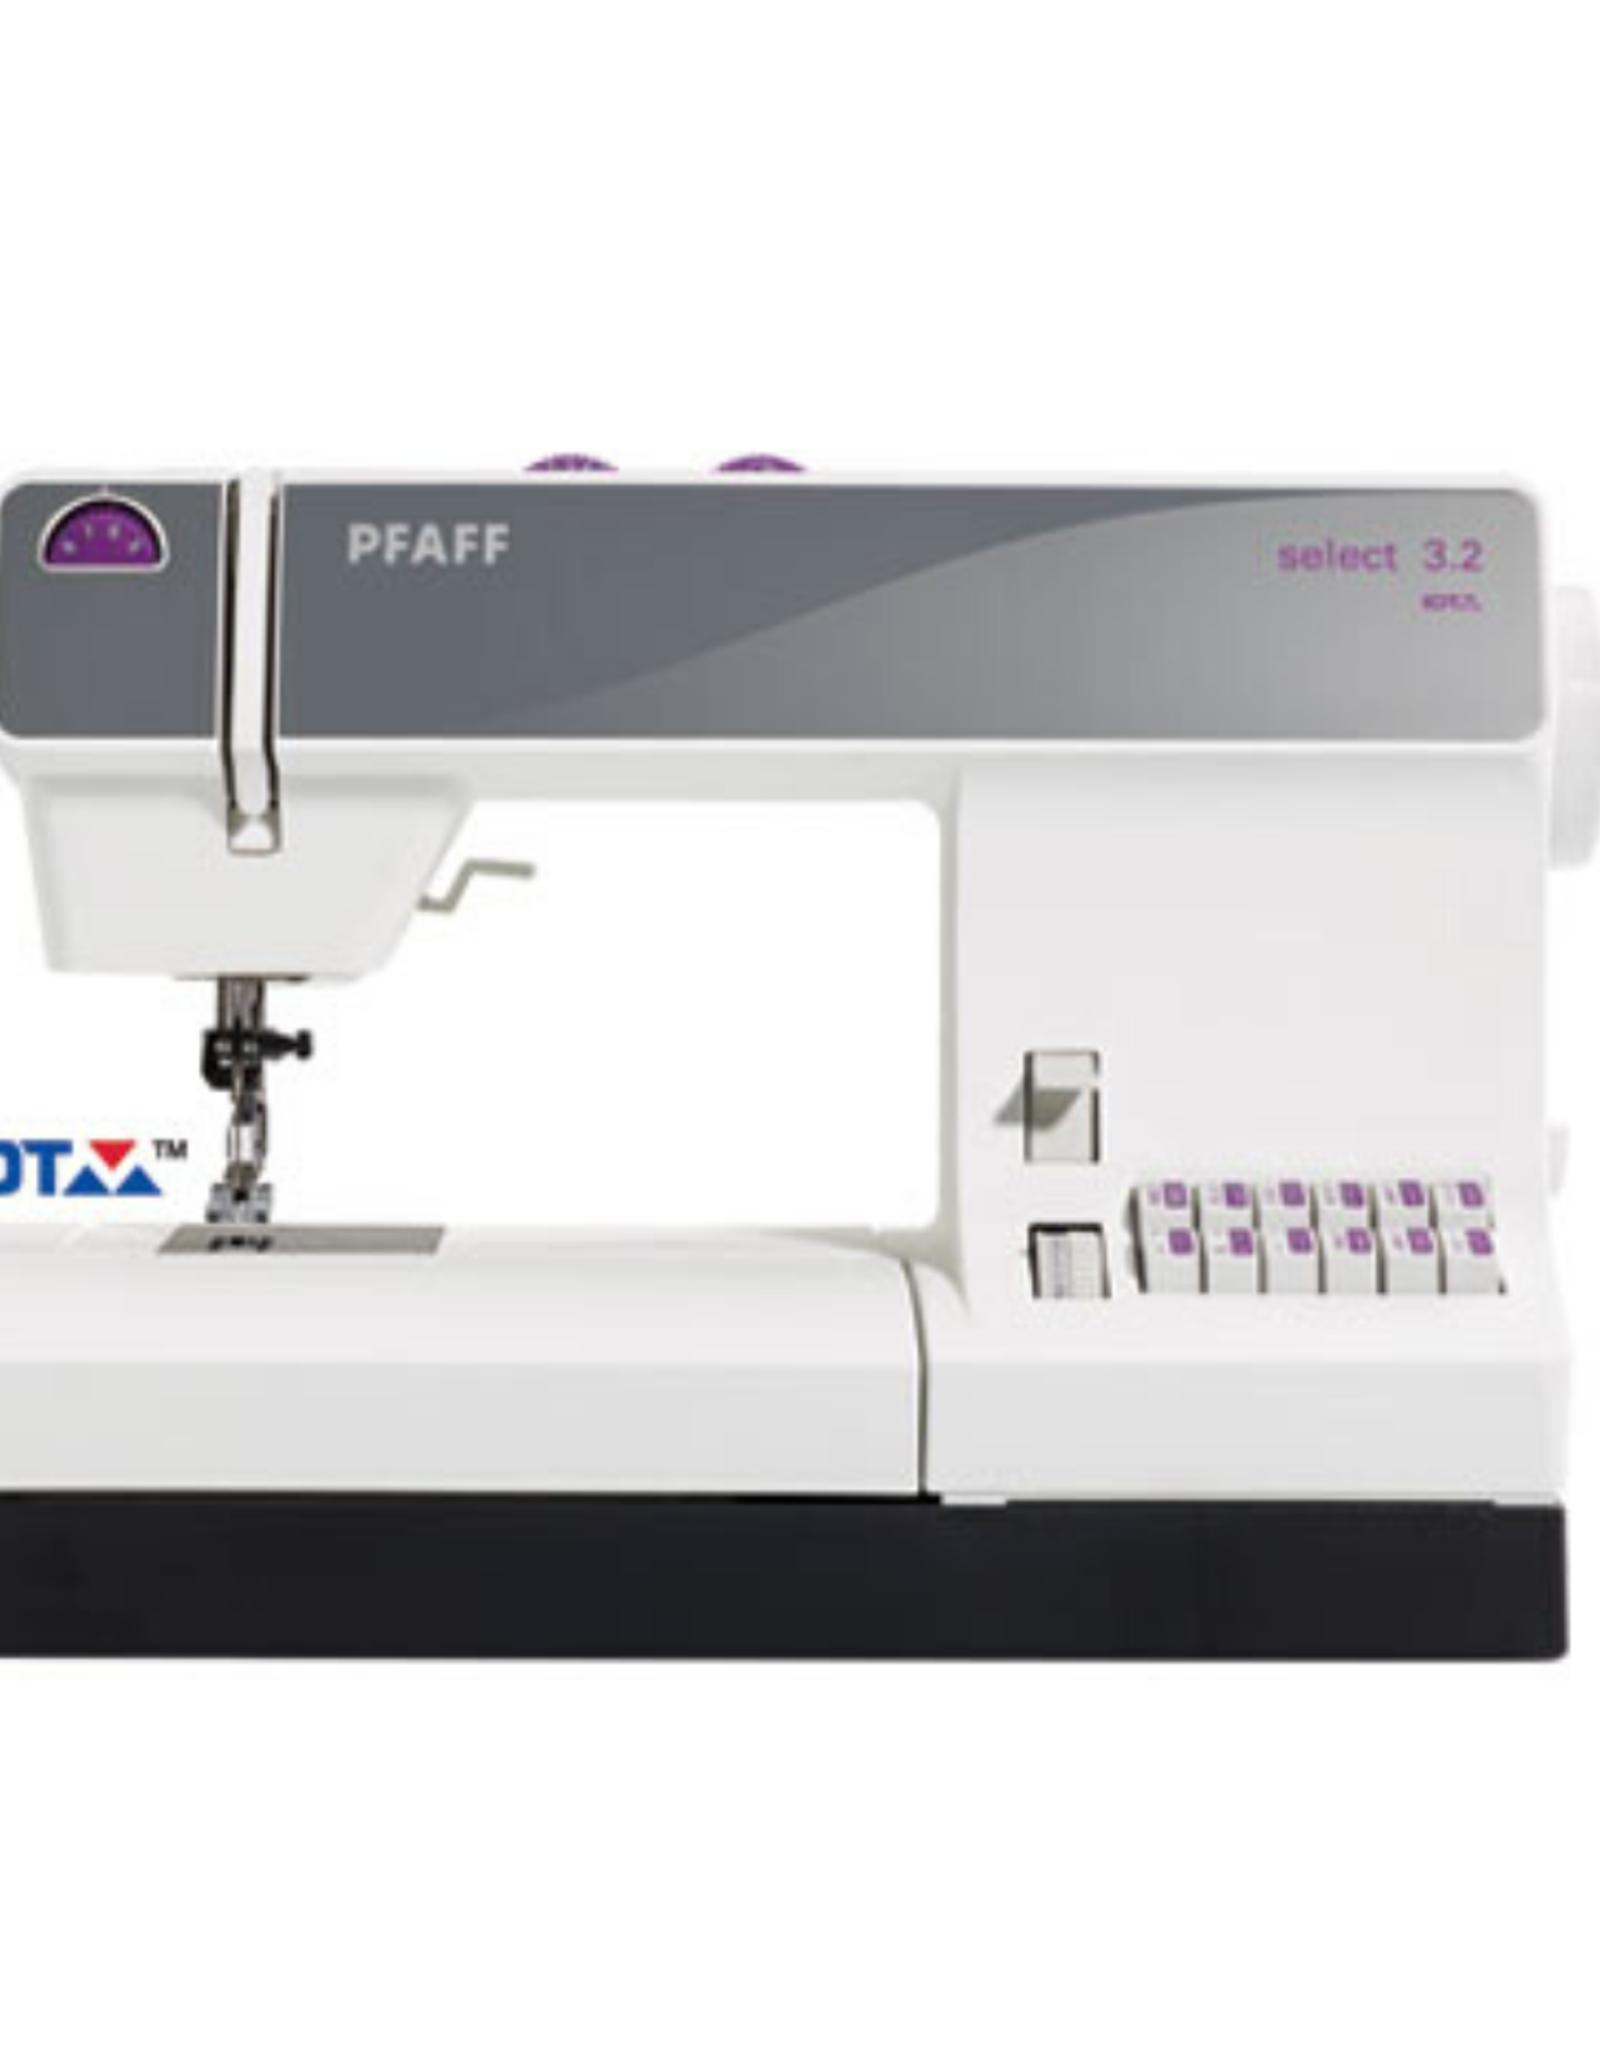 Pfaff Pfaff Select 3.2